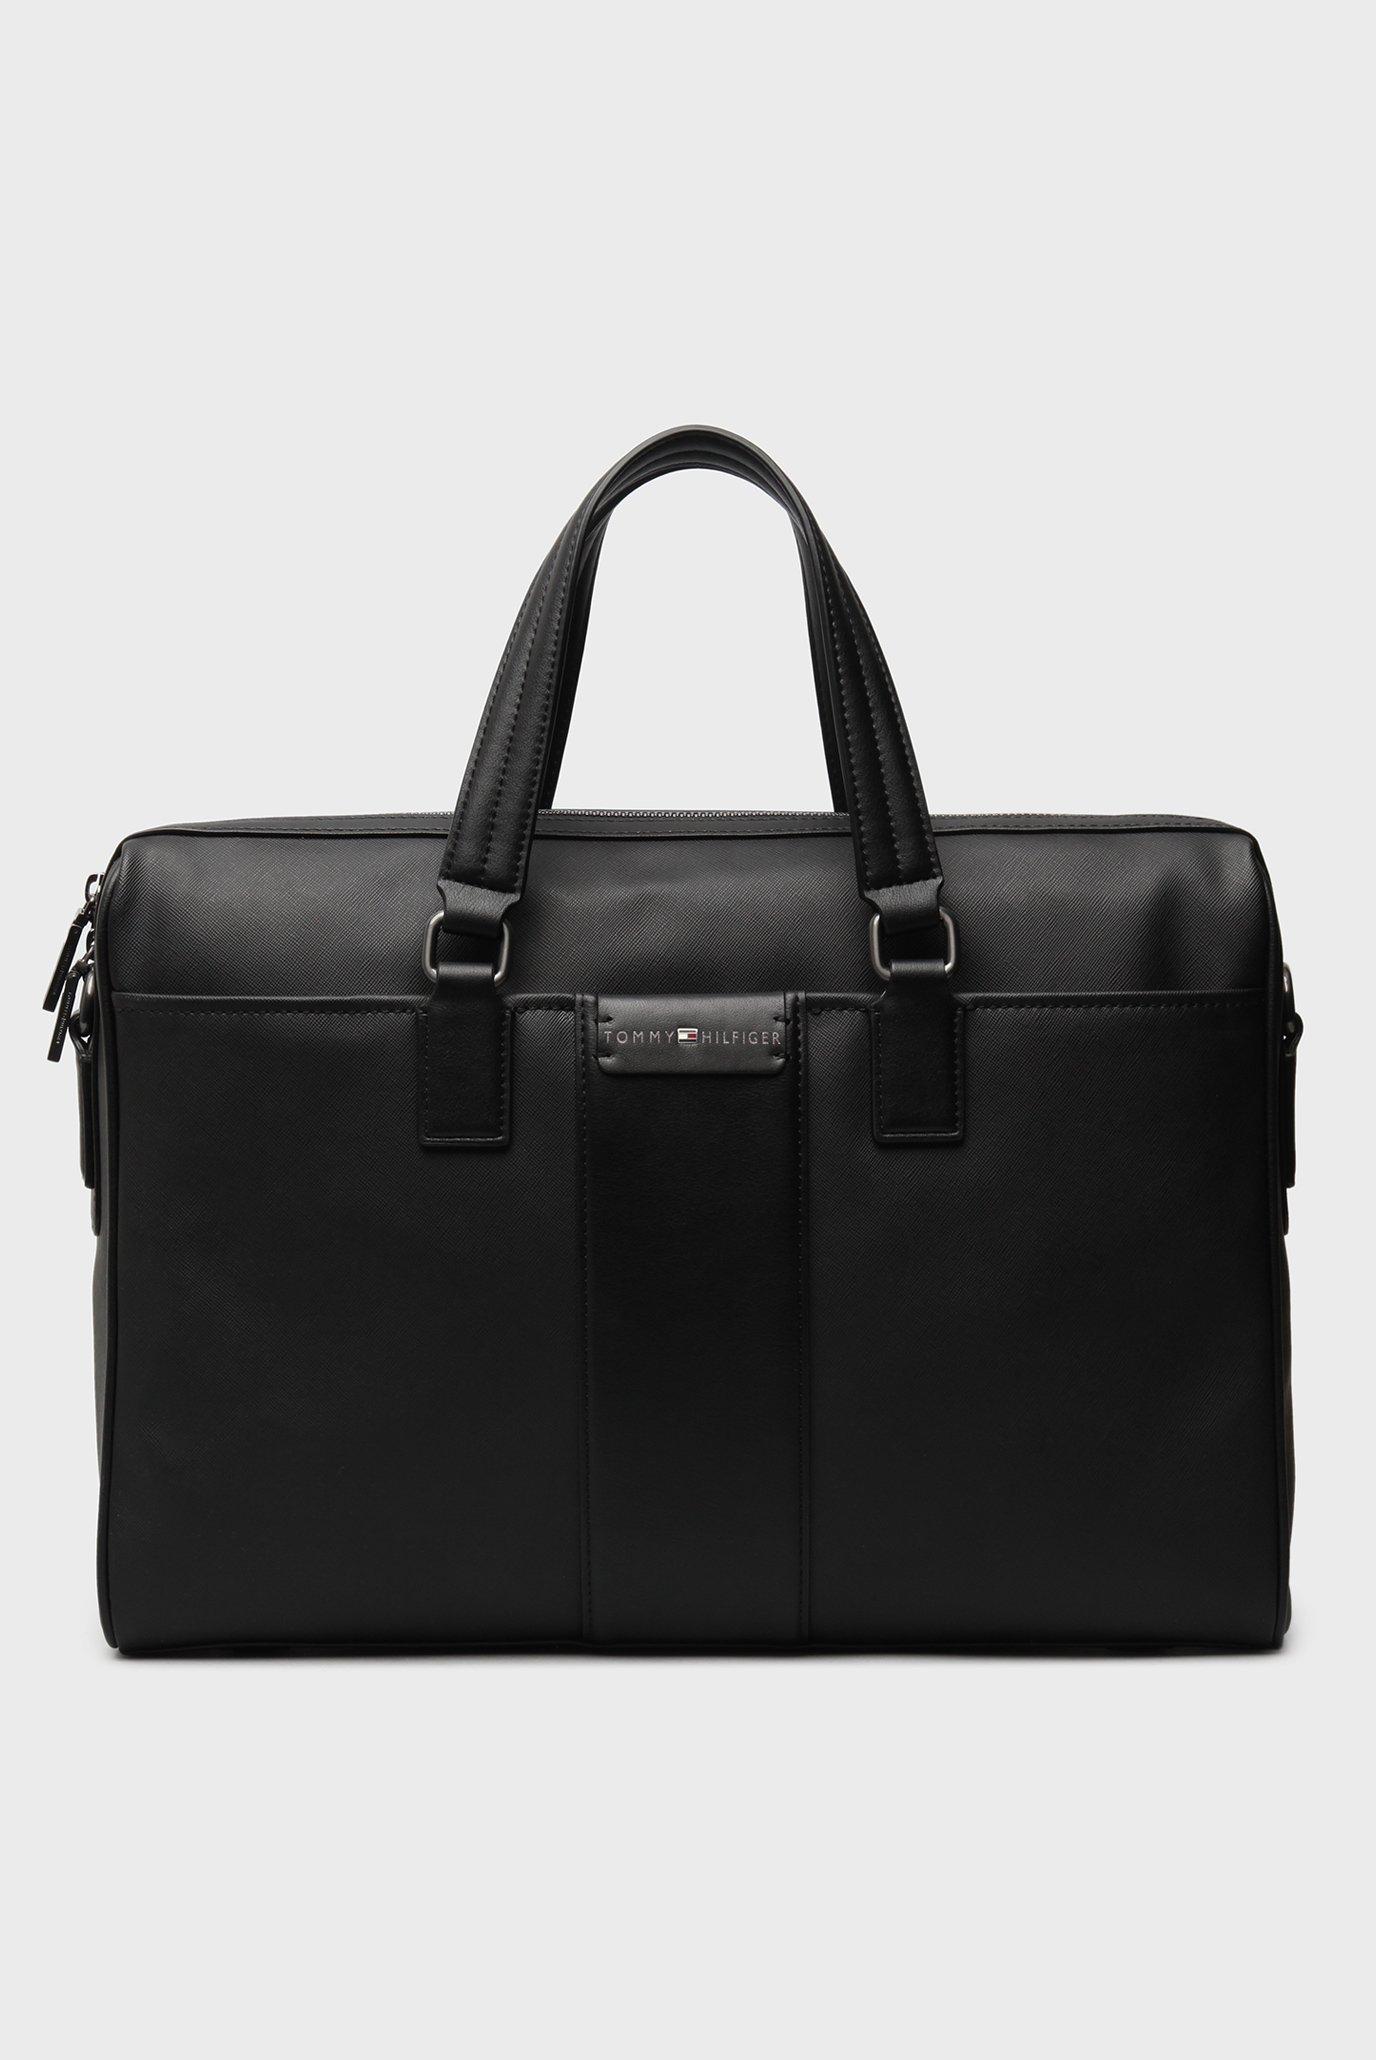 bcdca06232d7 Купить Мужская черная сумка для ноутбука Tommy Hilfiger Tommy Hilfiger  AM0AM02172 – Киев, Украина. Цены в интернет ...